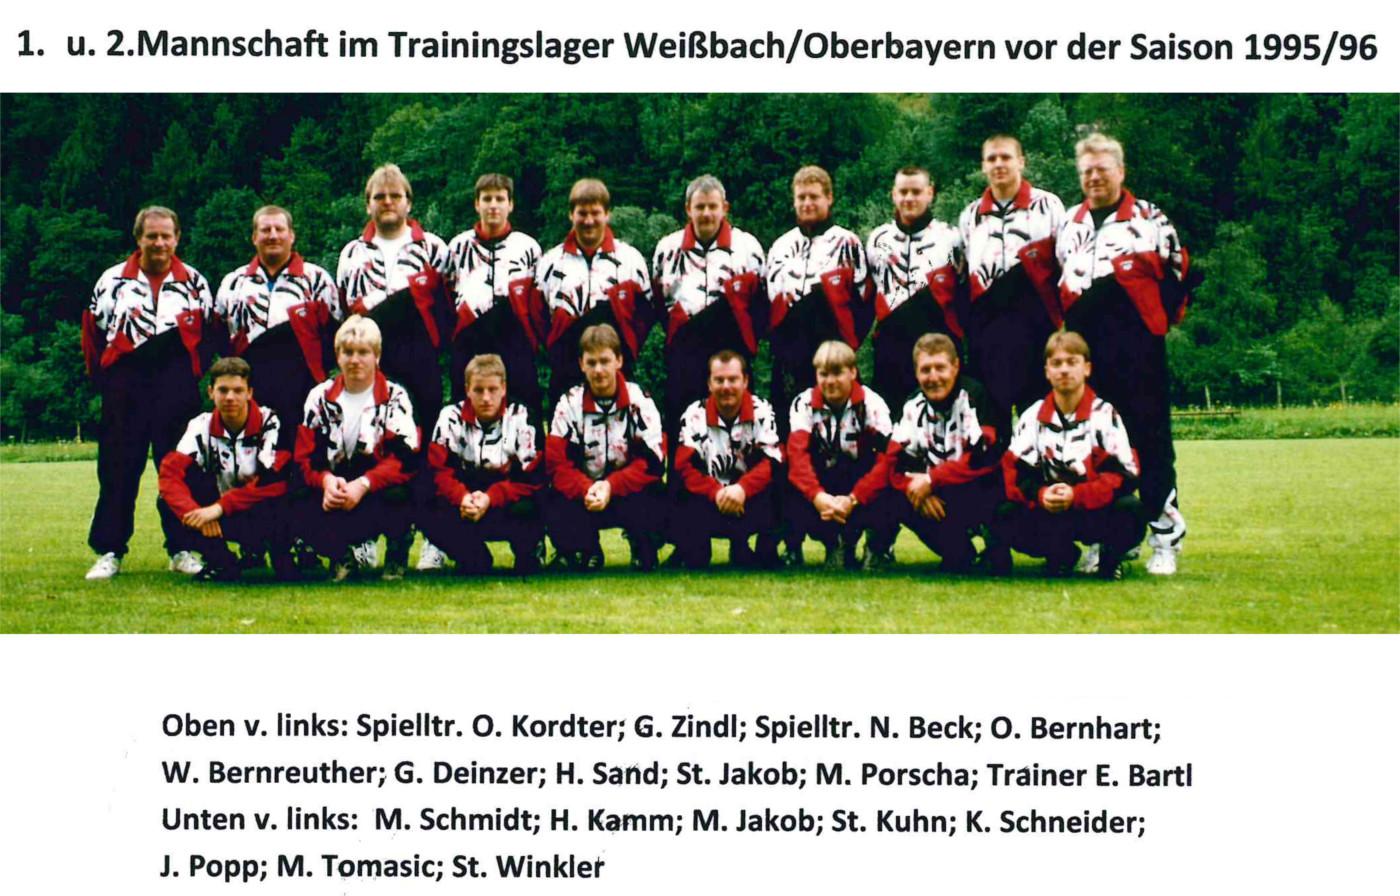 sfl-95-98-10c-herrentrainingslager-1995